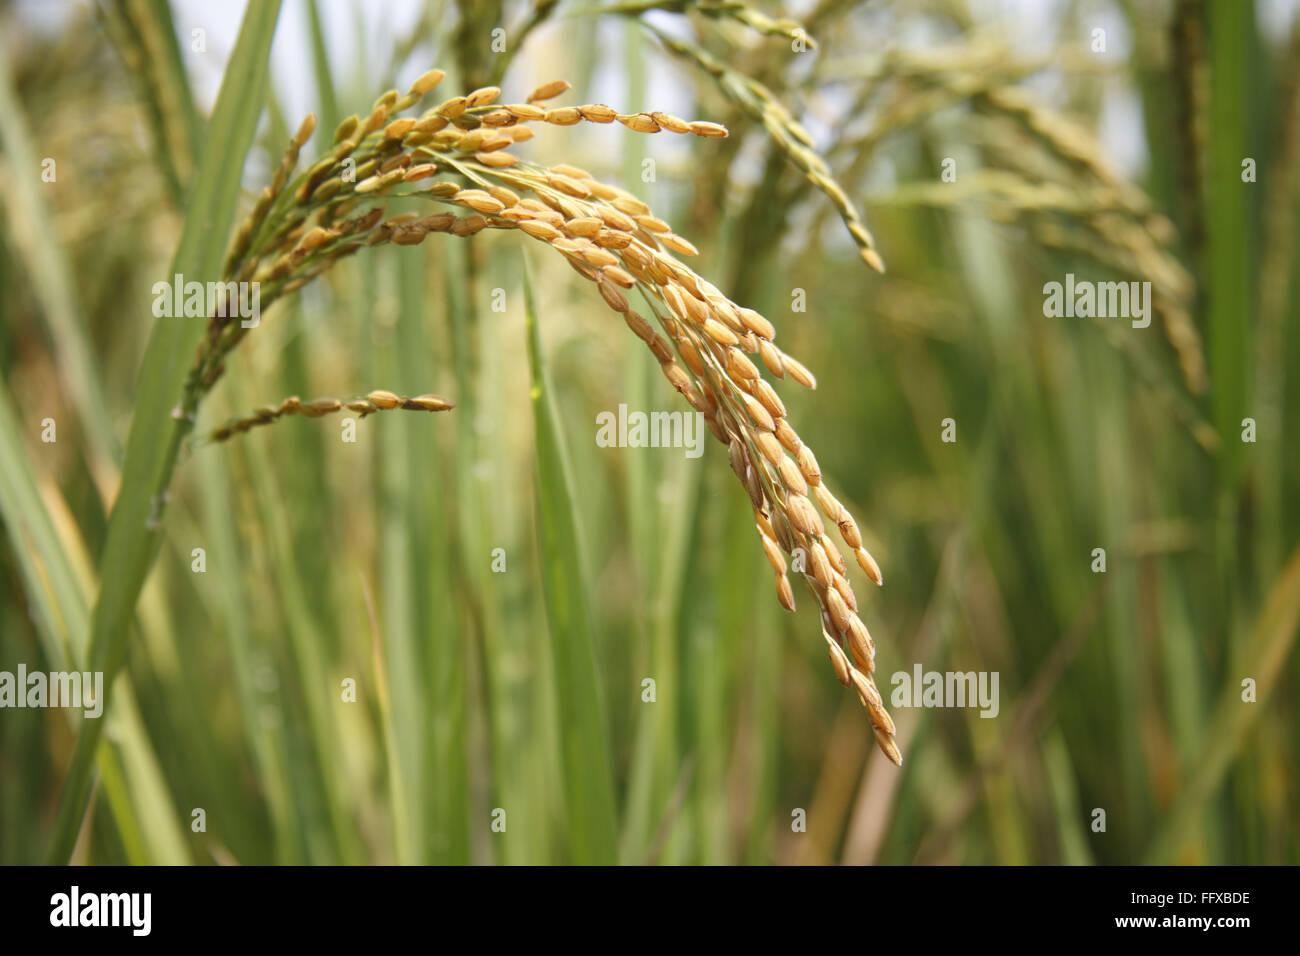 El grano , cerca de madurado listos para la cosecha de arroz en los arrozales, Tamil Nadu, India Imagen De Stock